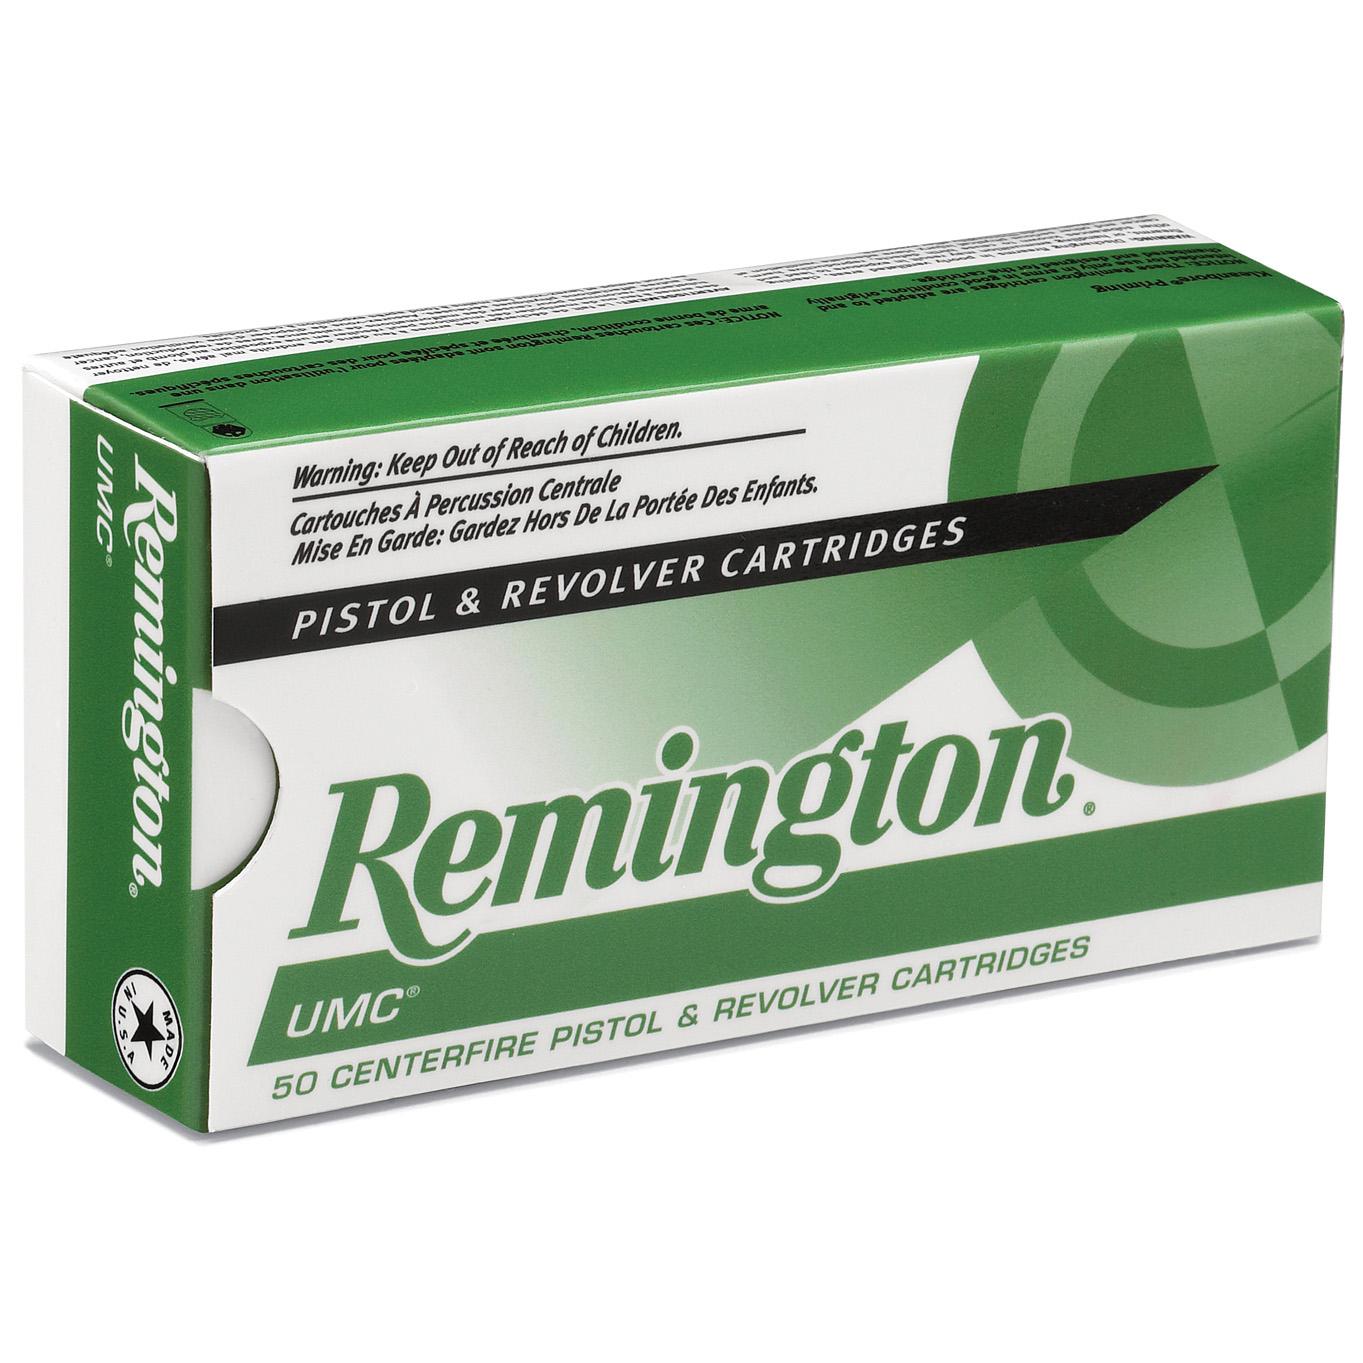 Remington UMC Handgun Ammunition, .38 Special, 130-gr, FMJ, 50 Rounds